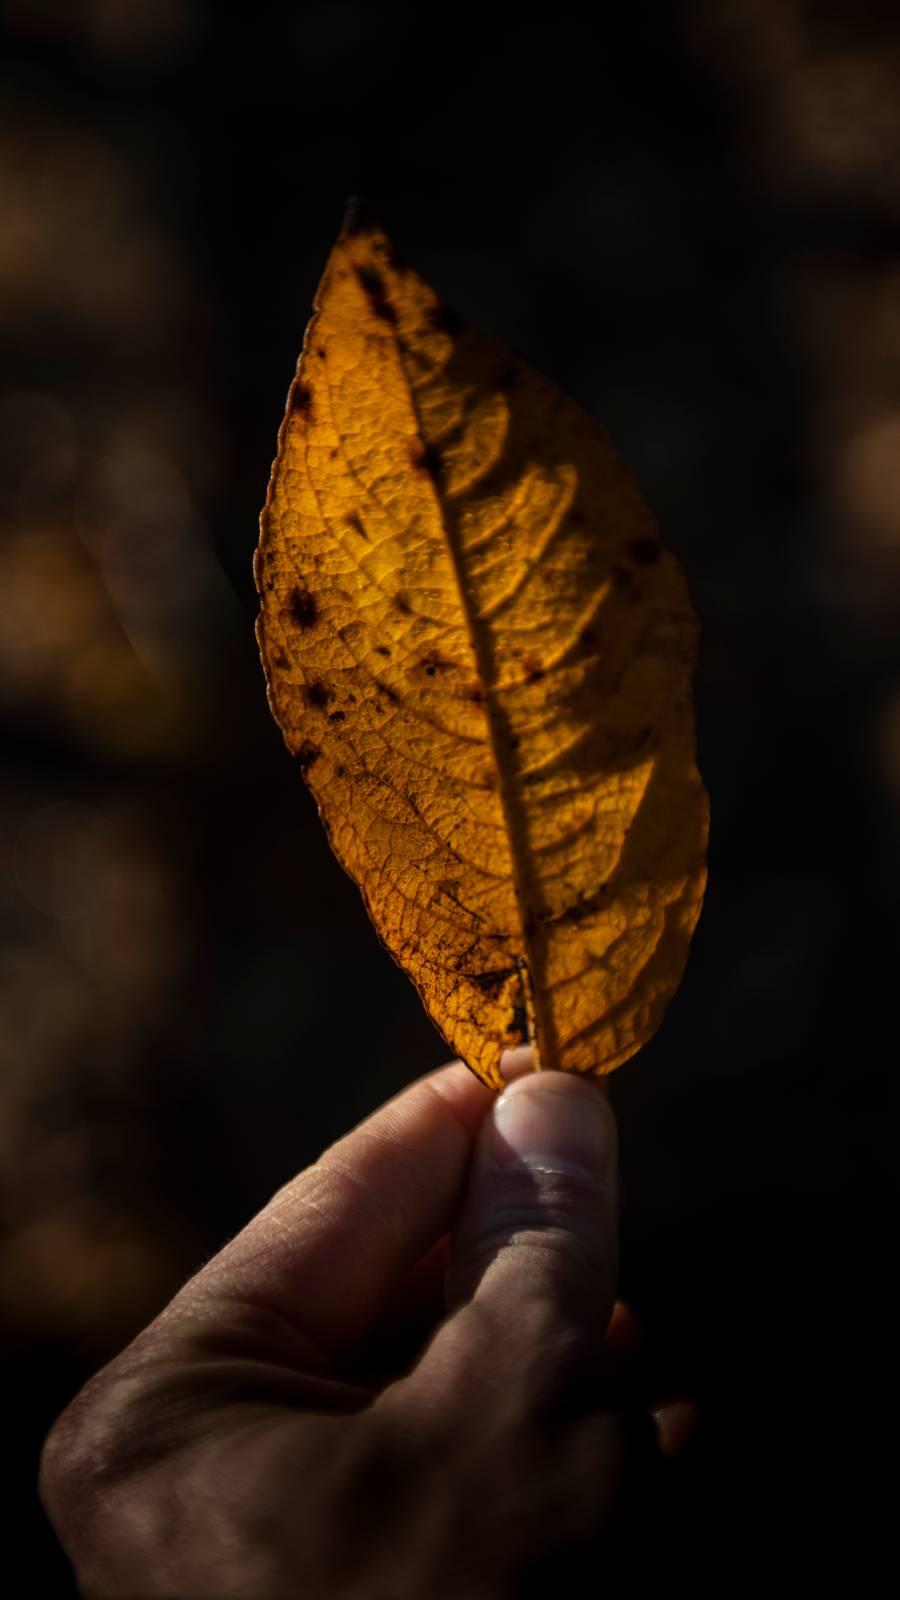 Høstblad i hånda